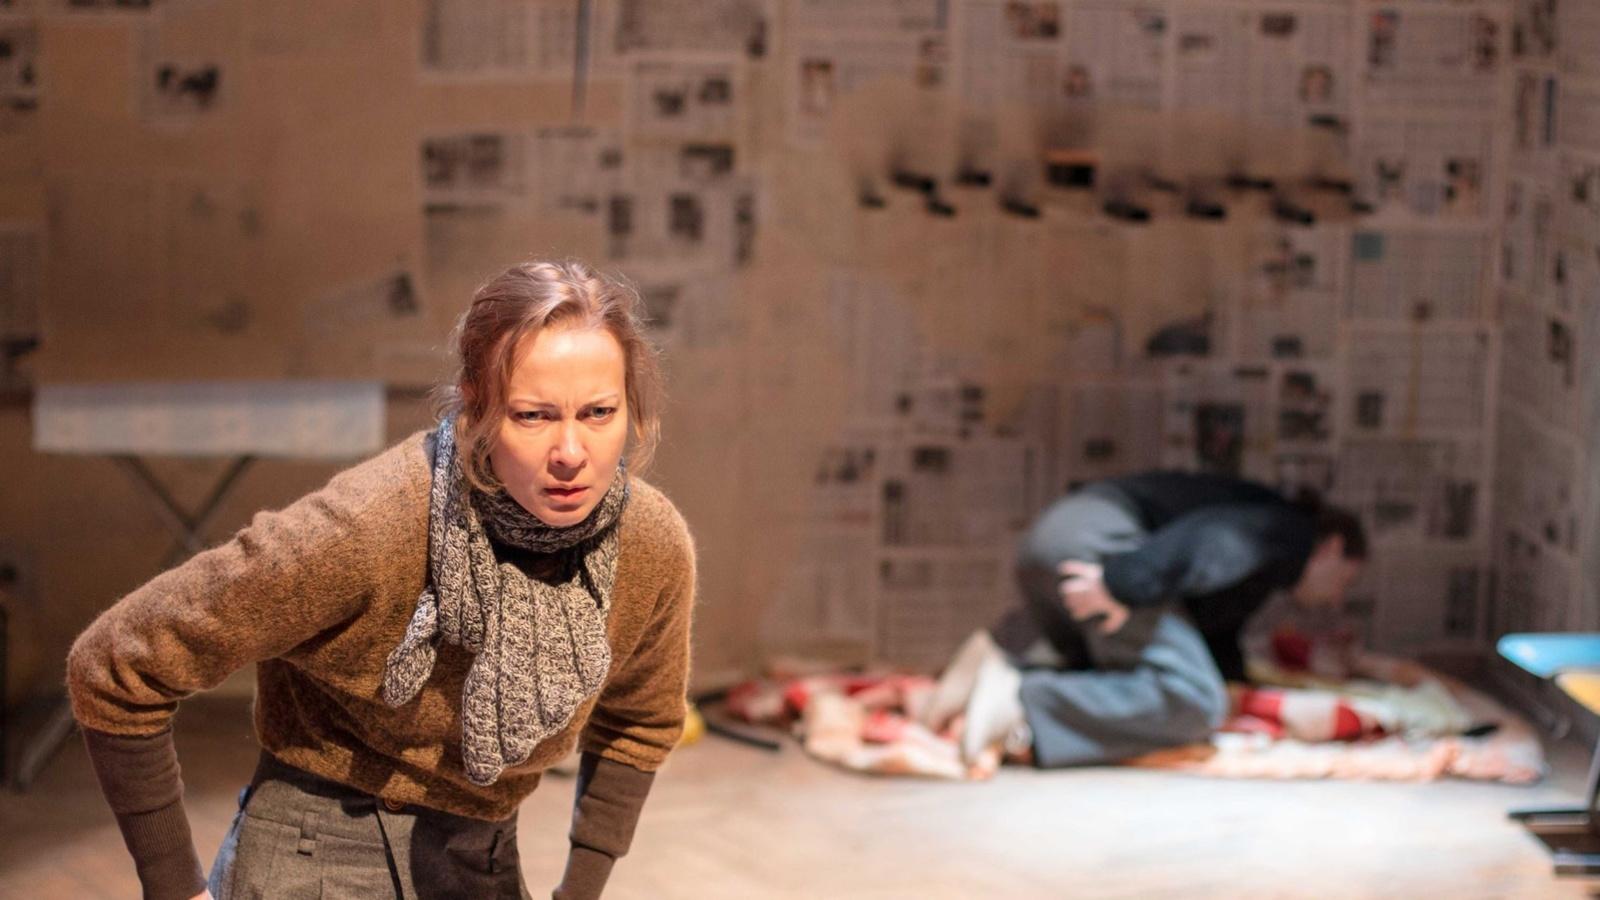 Valstybinis Šiaulių Dramos teatras intriguoja naujais potyriais – pristato spektaklį visiškai netikėtoje erdvėje (VIDEO)